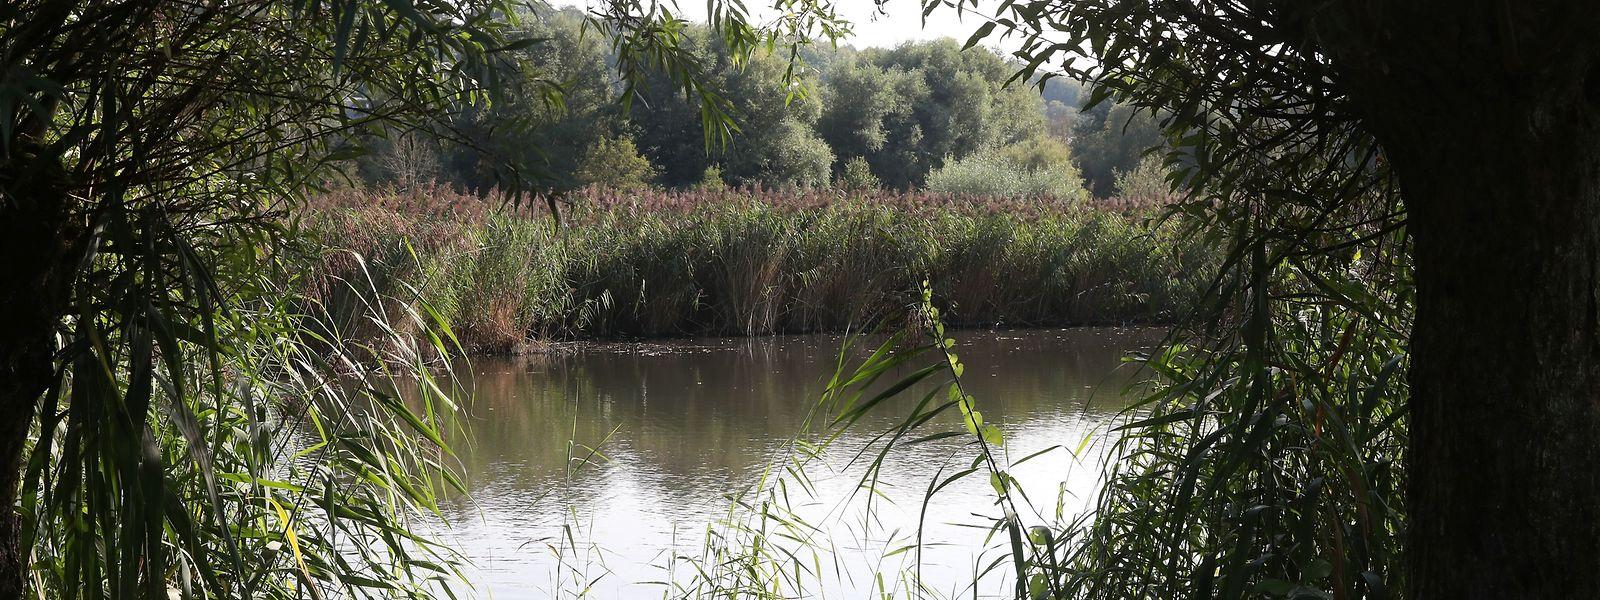 Der Schifflinger Brill ist ein von Menschen geschaffenes Paradies für viele Tier- und Pflanzenarten.